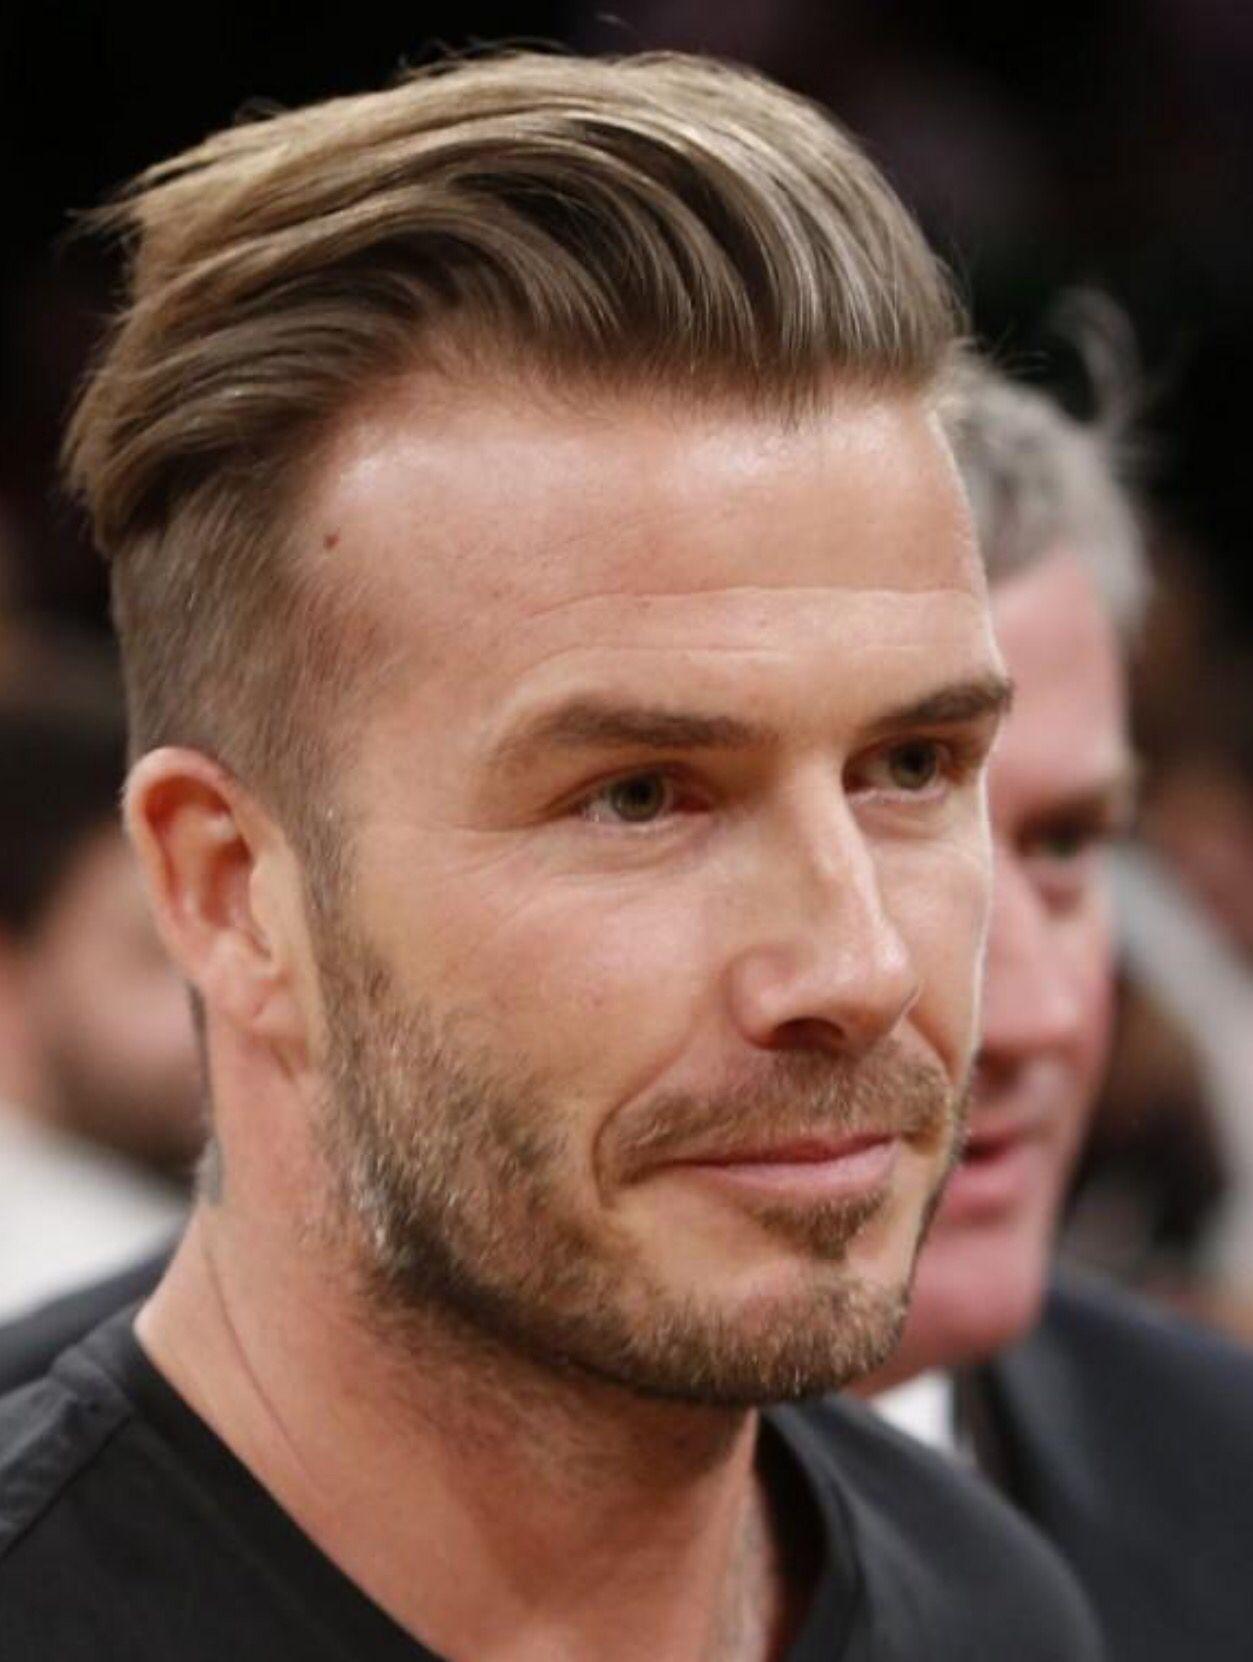 Coiffure David Beckham : le Comb over franchement branché